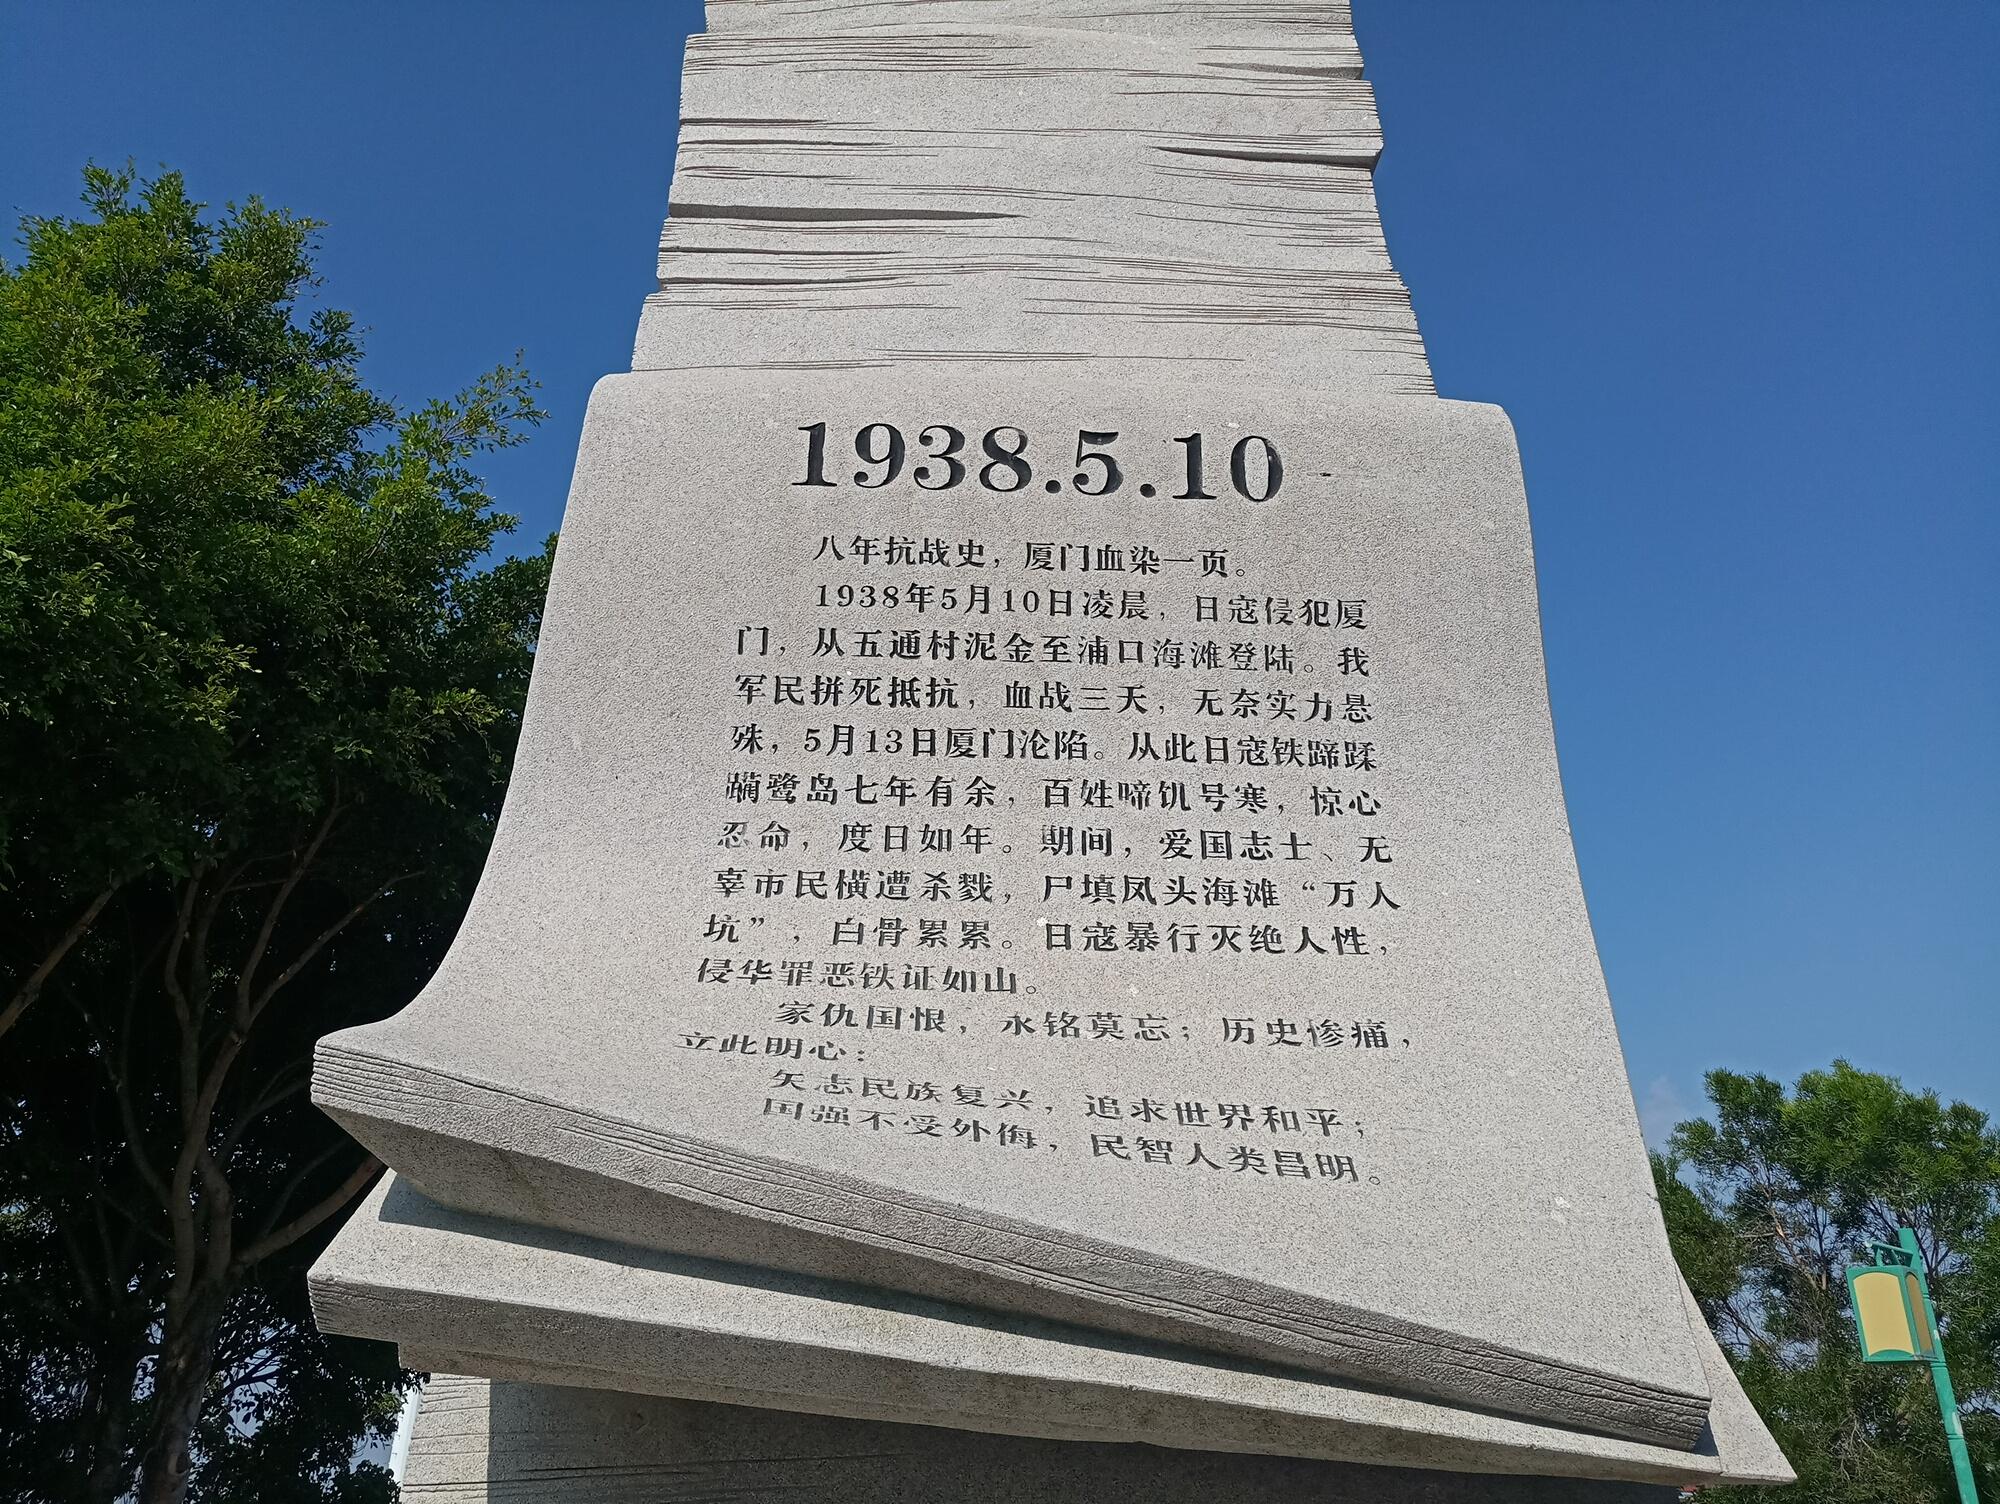 """原创             厦门五通""""万人坑"""",曾经累累白骨,令人触目惊心,如今原址旁建有纪念碑"""